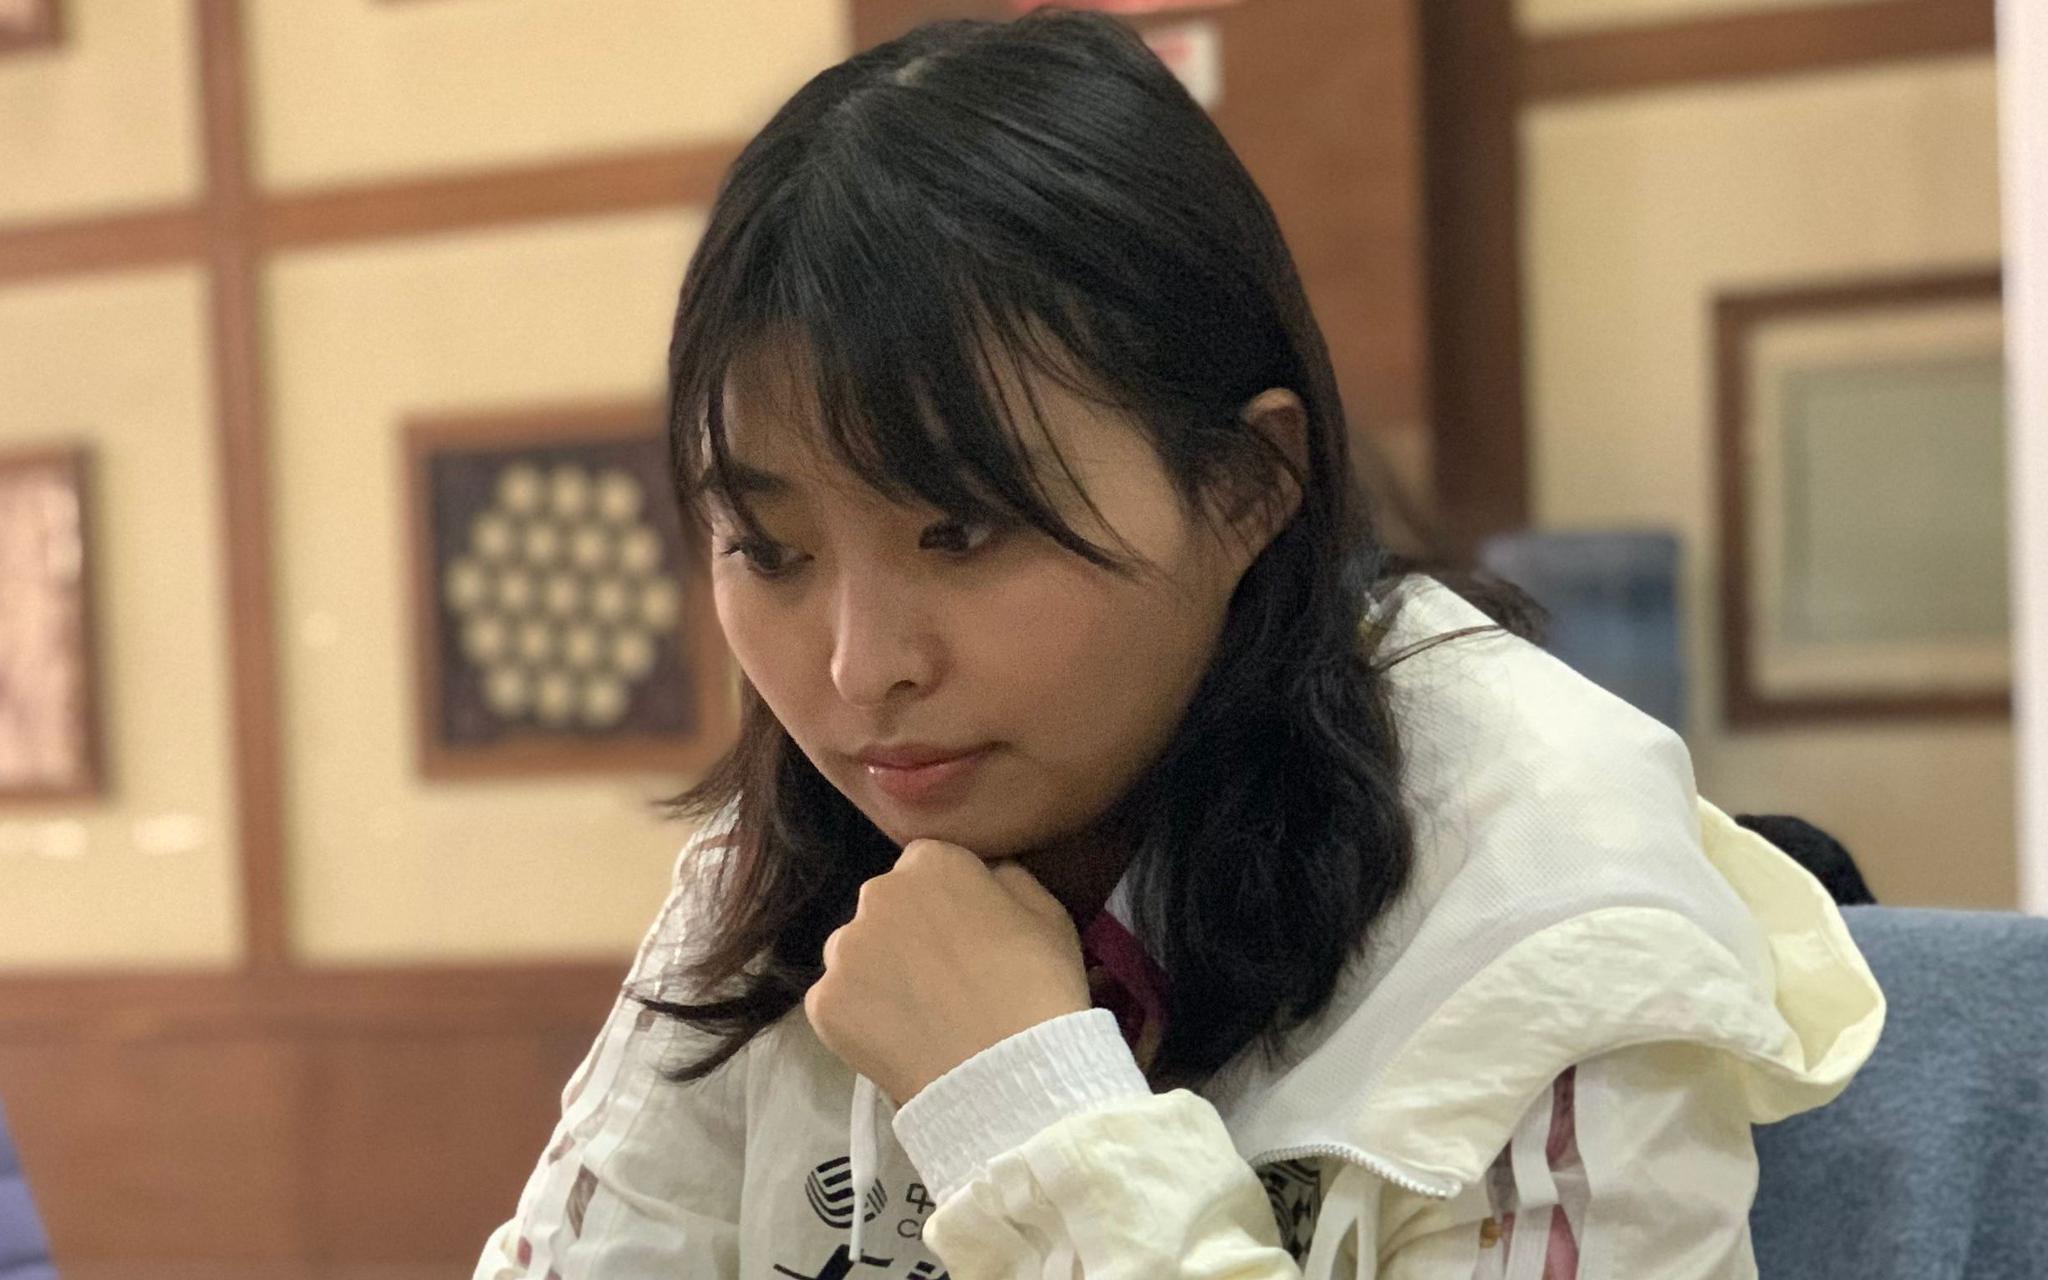 女子国际象棋世界冠军挑战赛,居文君主场弈和图片